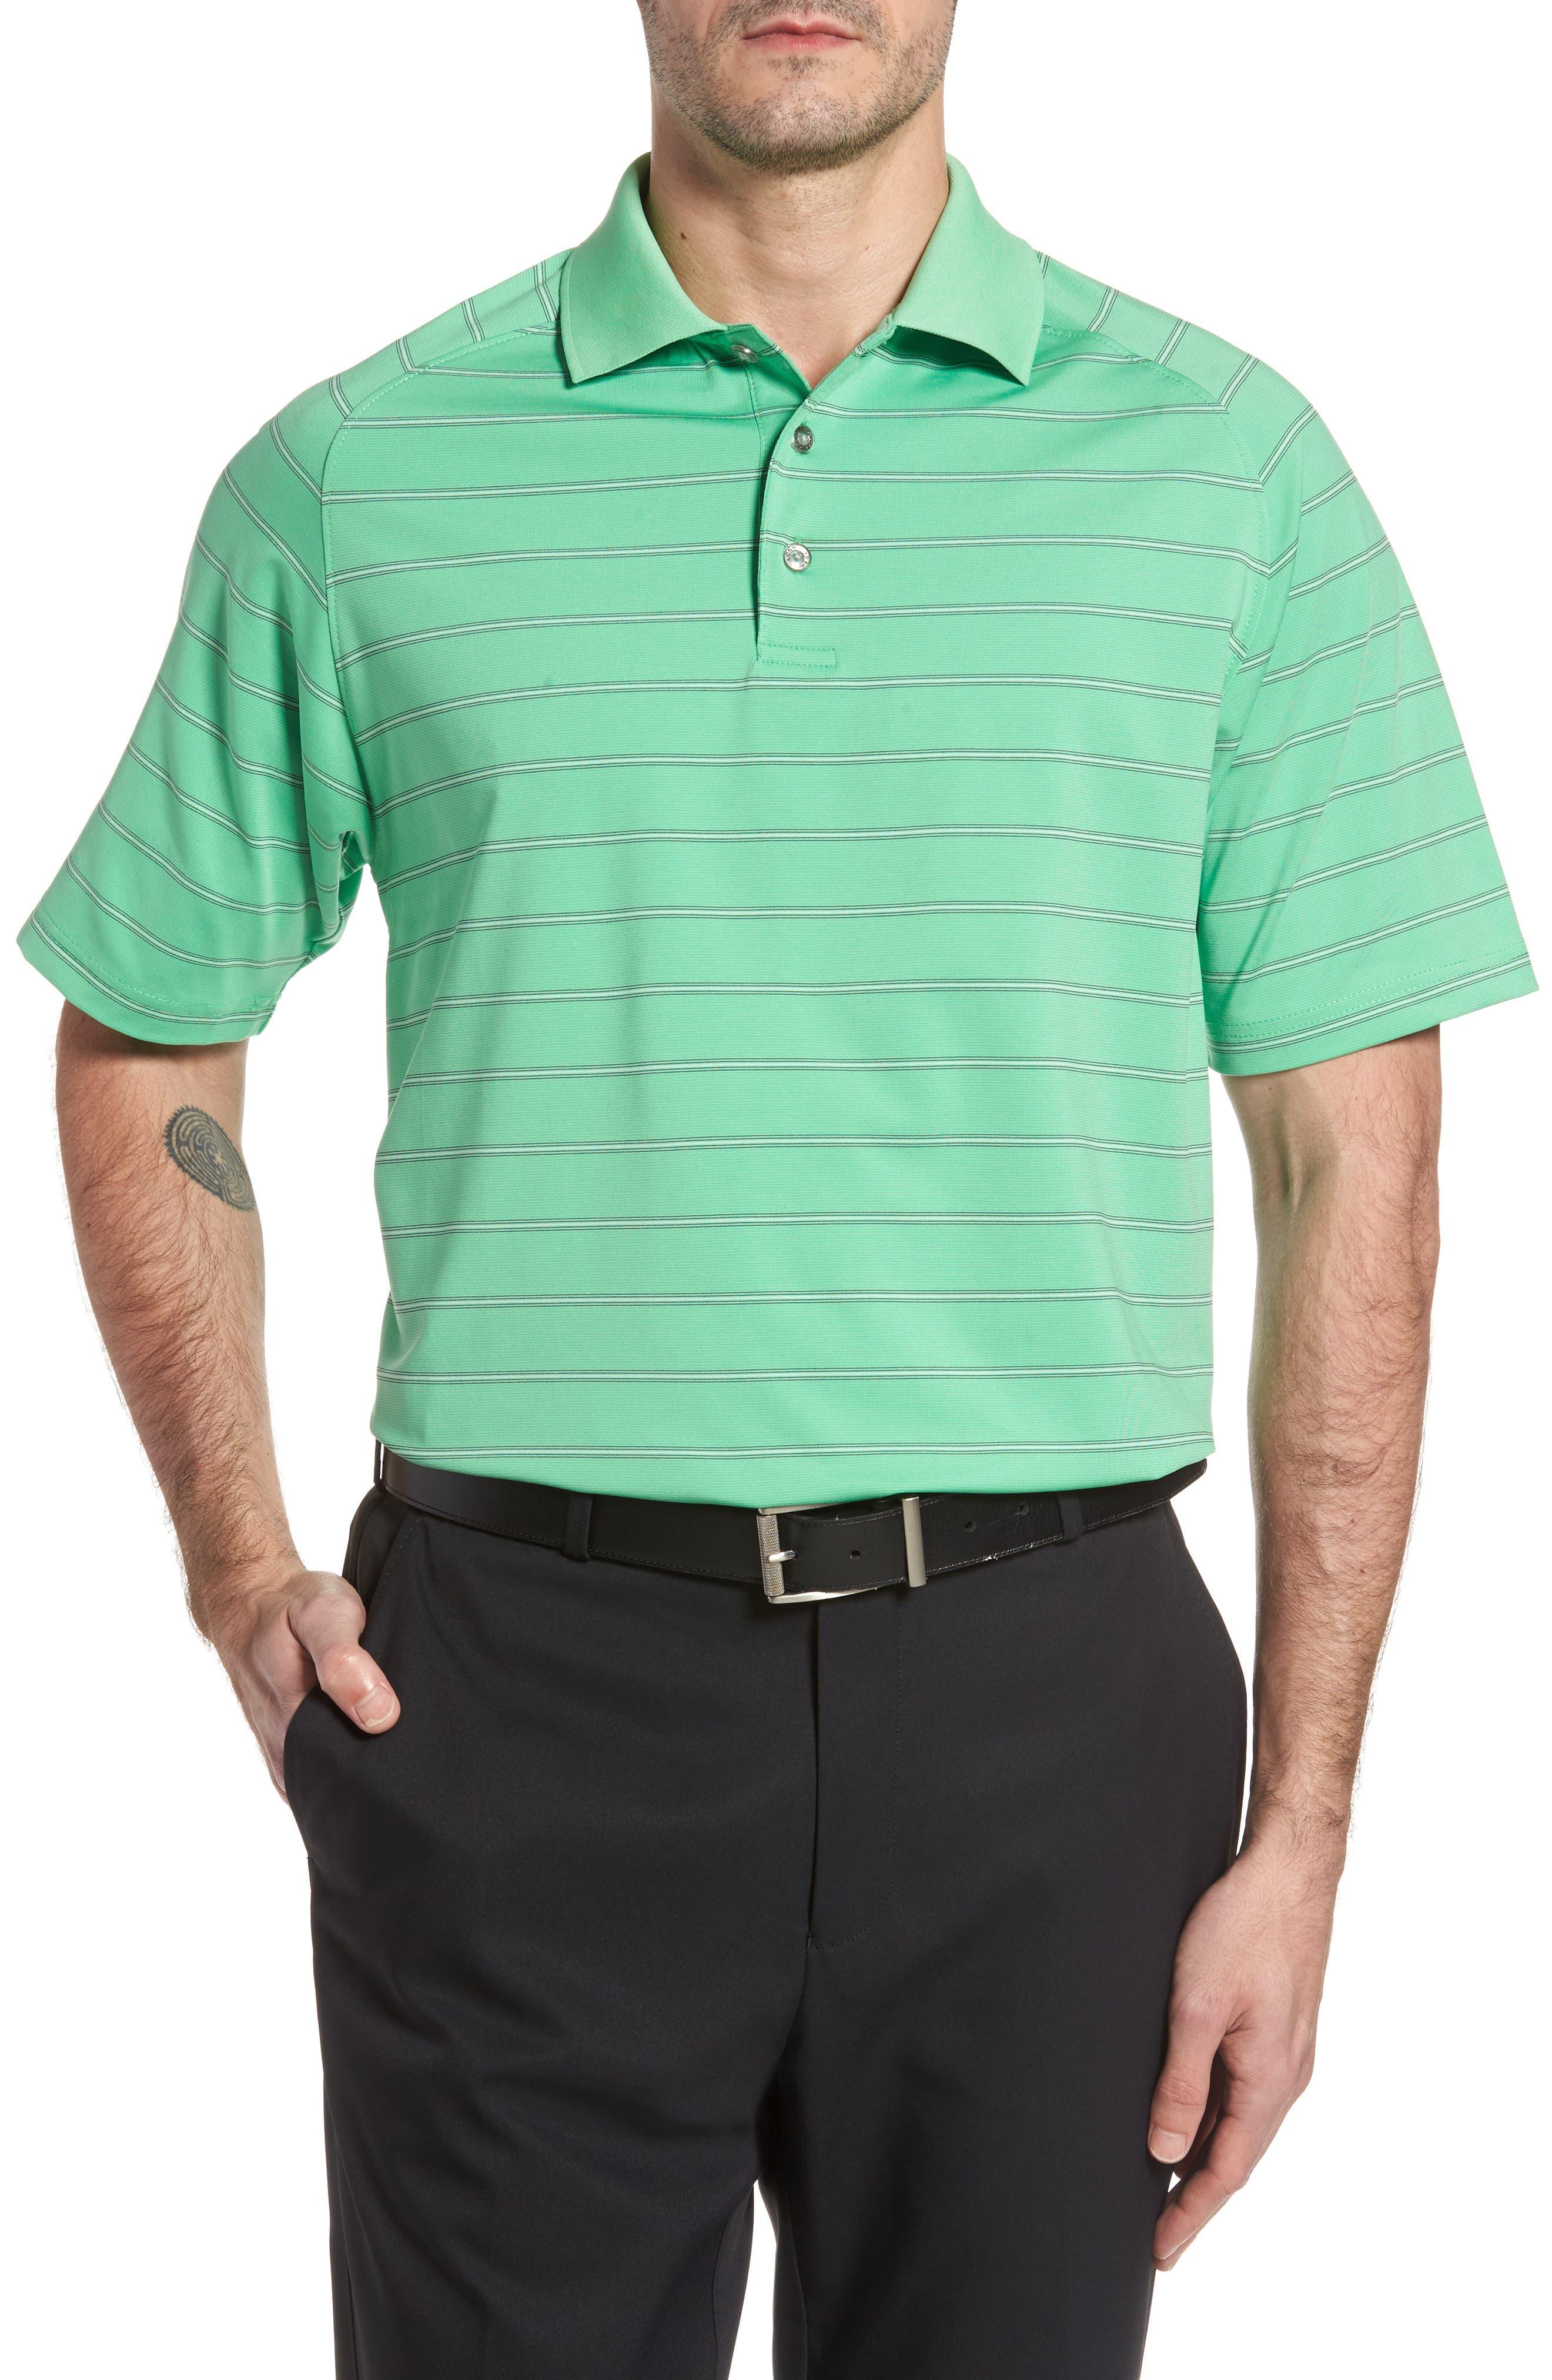 SWC Raglan Stripe Jersey Polo